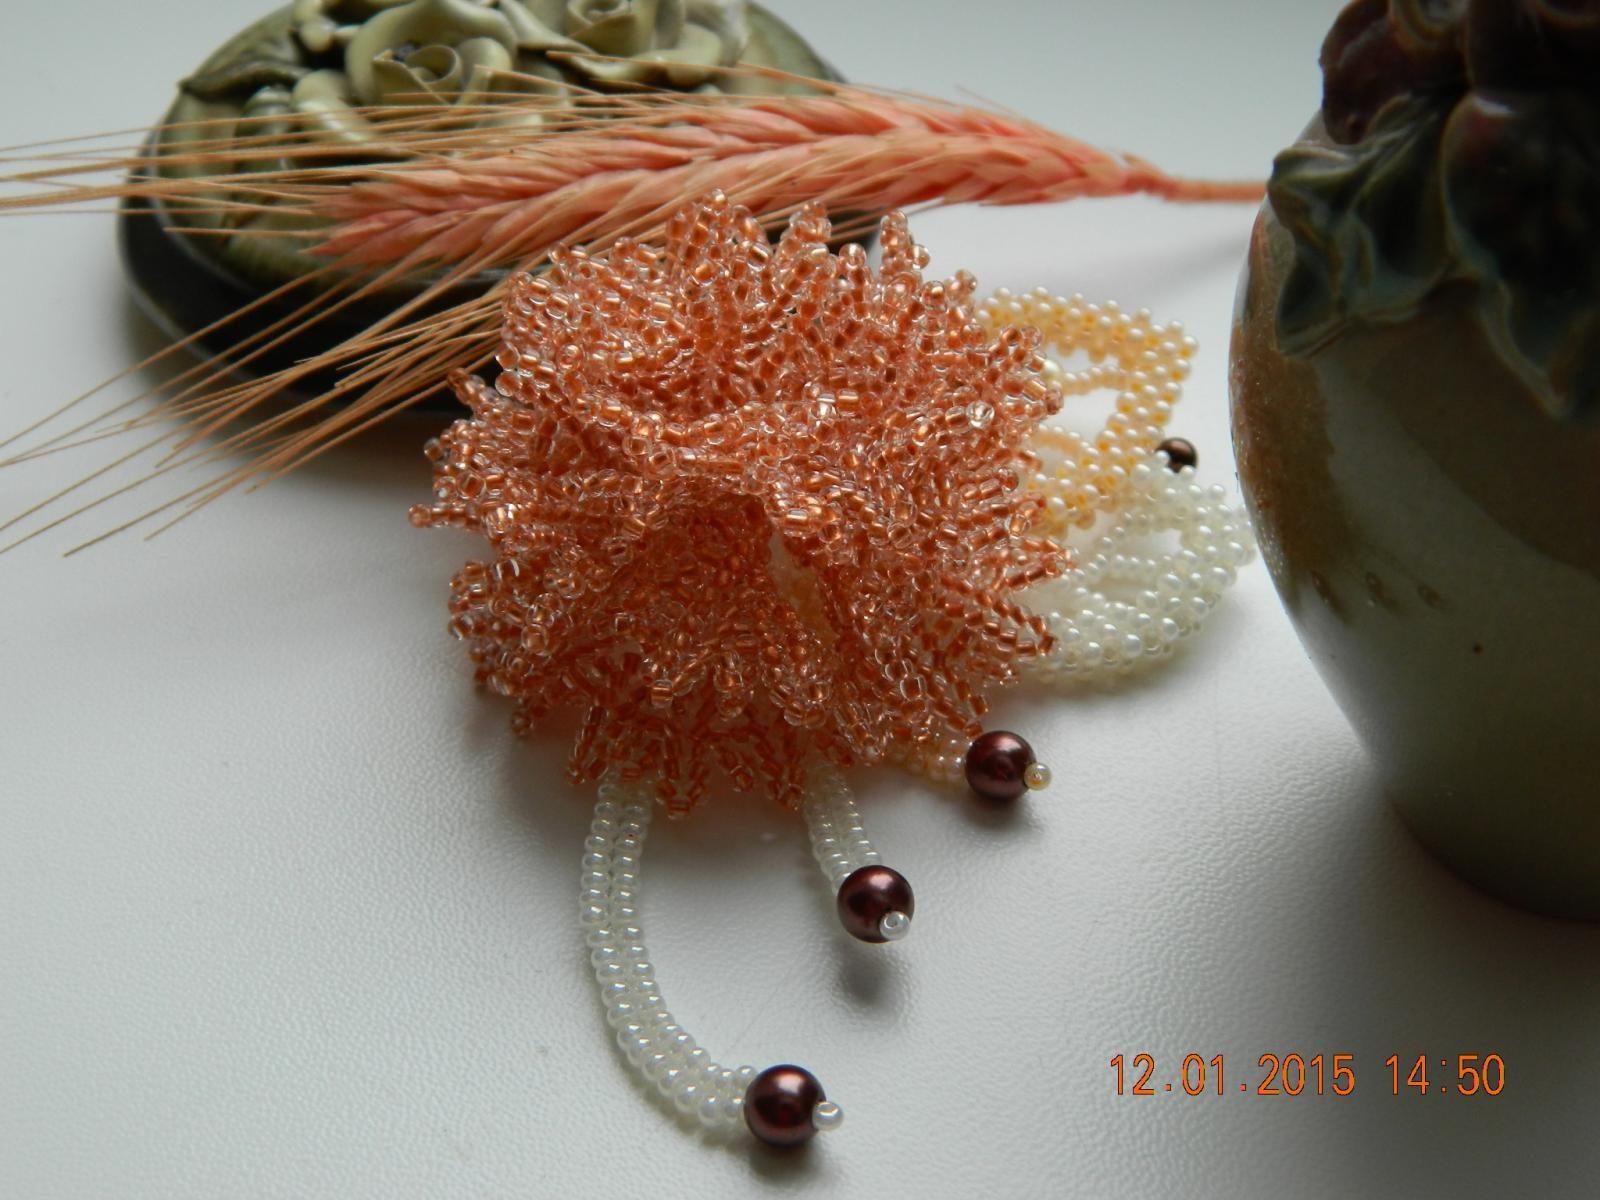 Брошь с гвоздичкой | biser.info - всё о бисере и бисерном творчестве